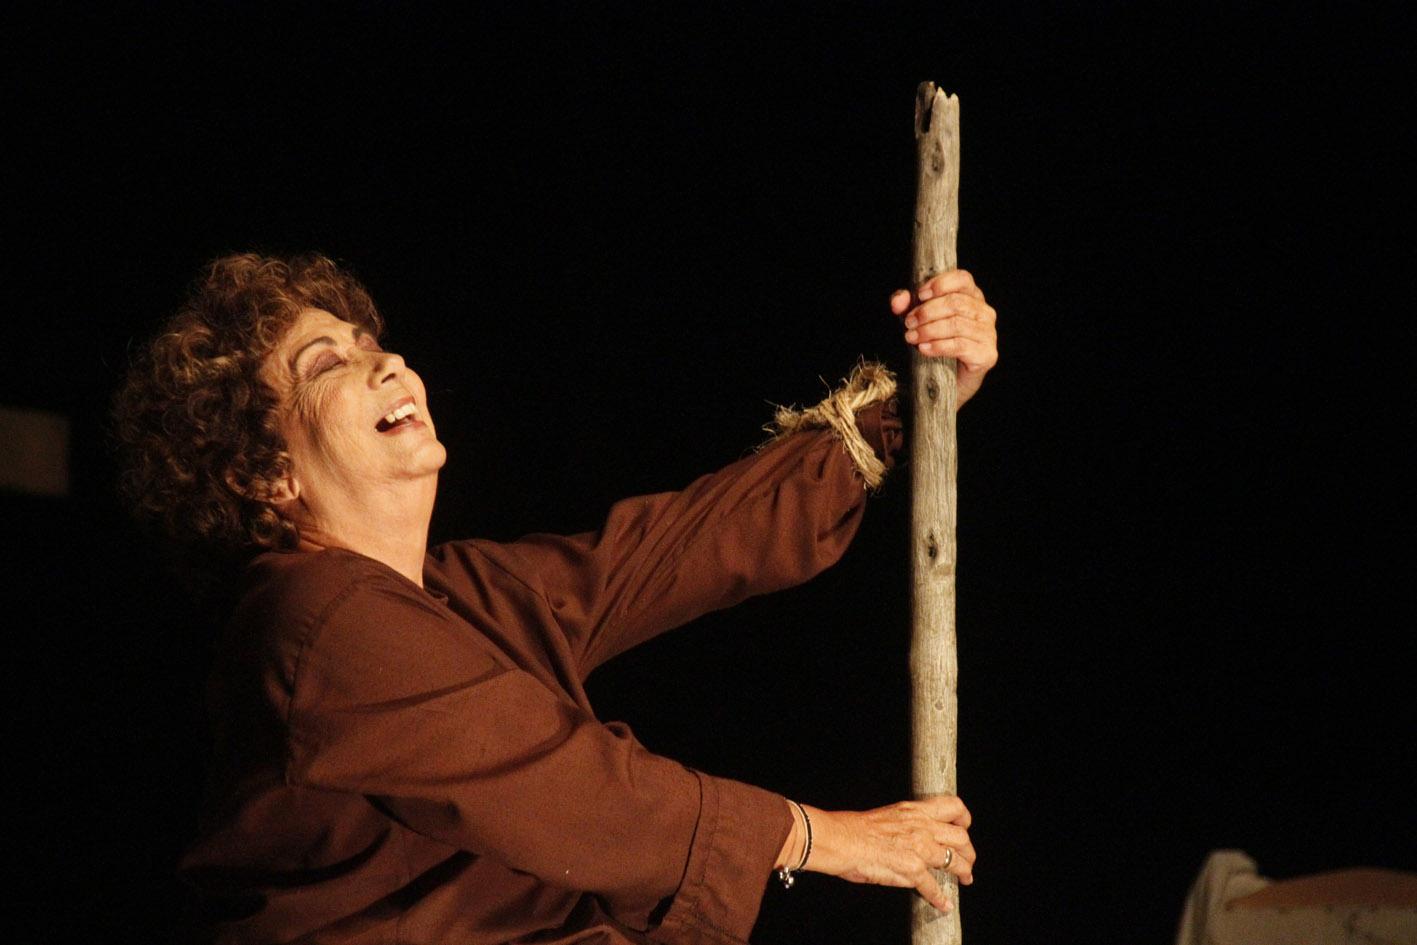 Flora Lauten, Teatro Buendía, La Habana